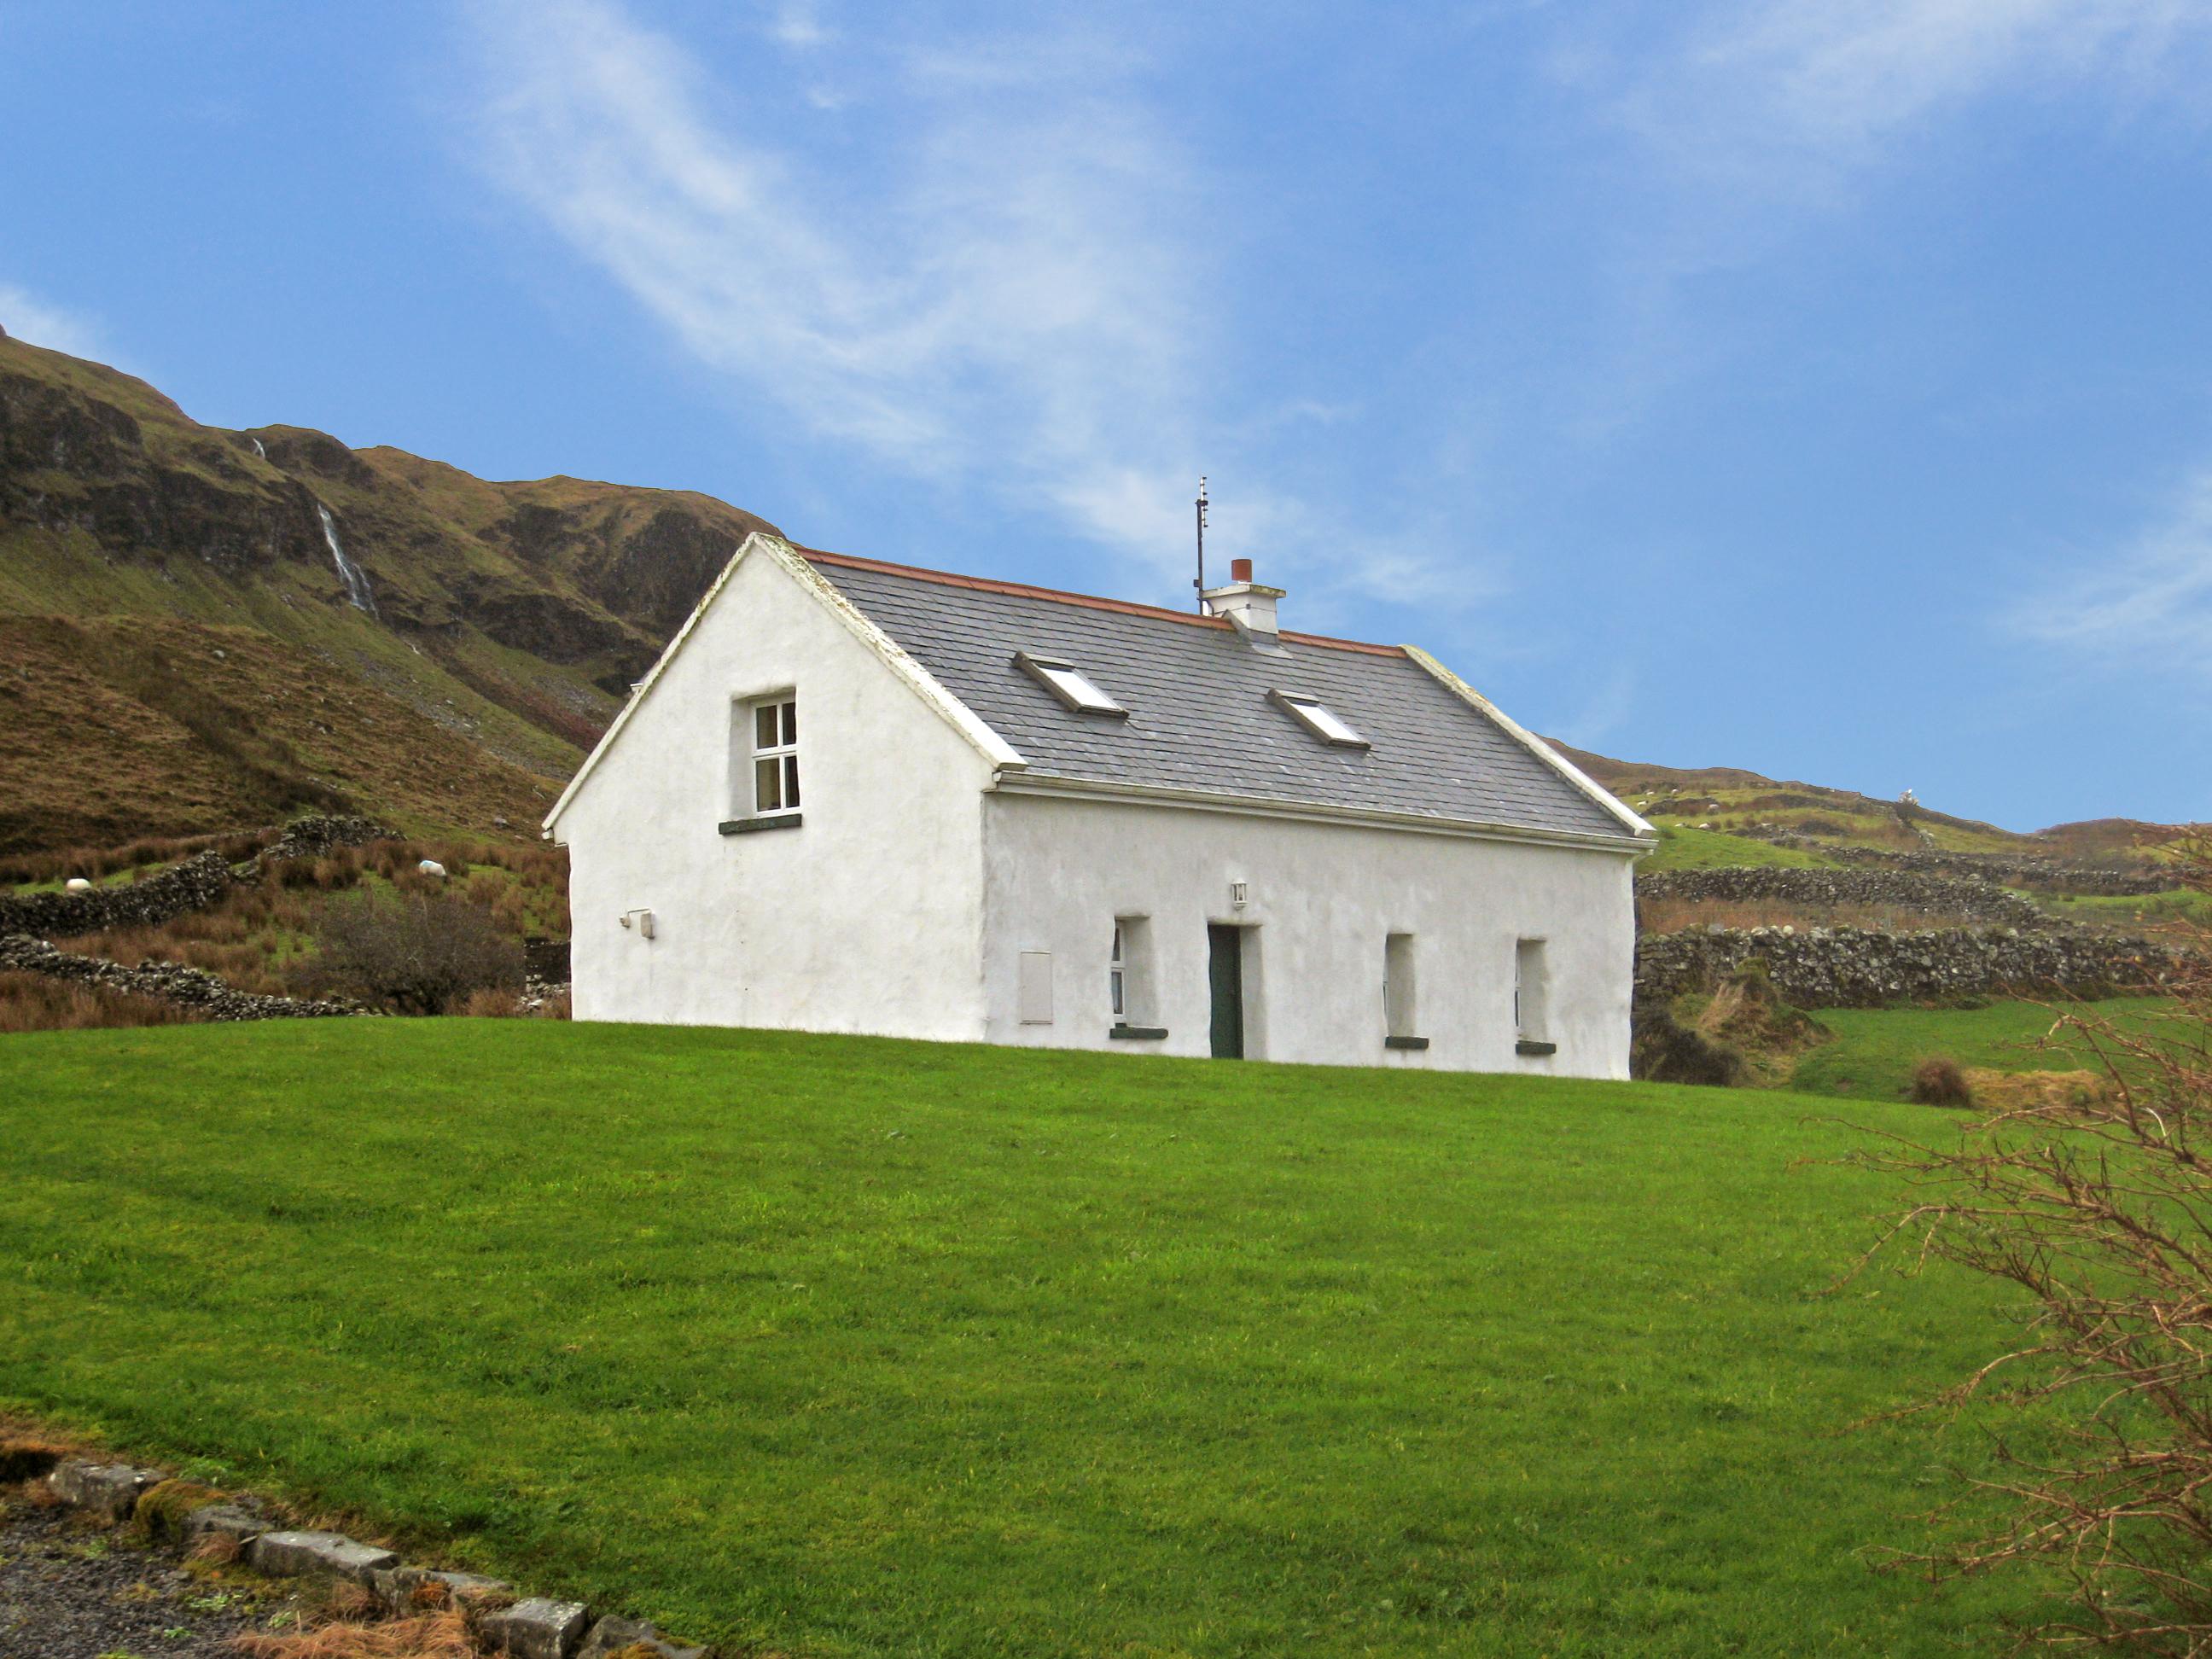 Ferienhaus coolin cottage in clonbur irland ie6095 1 1 - Casas rurales escocia ...